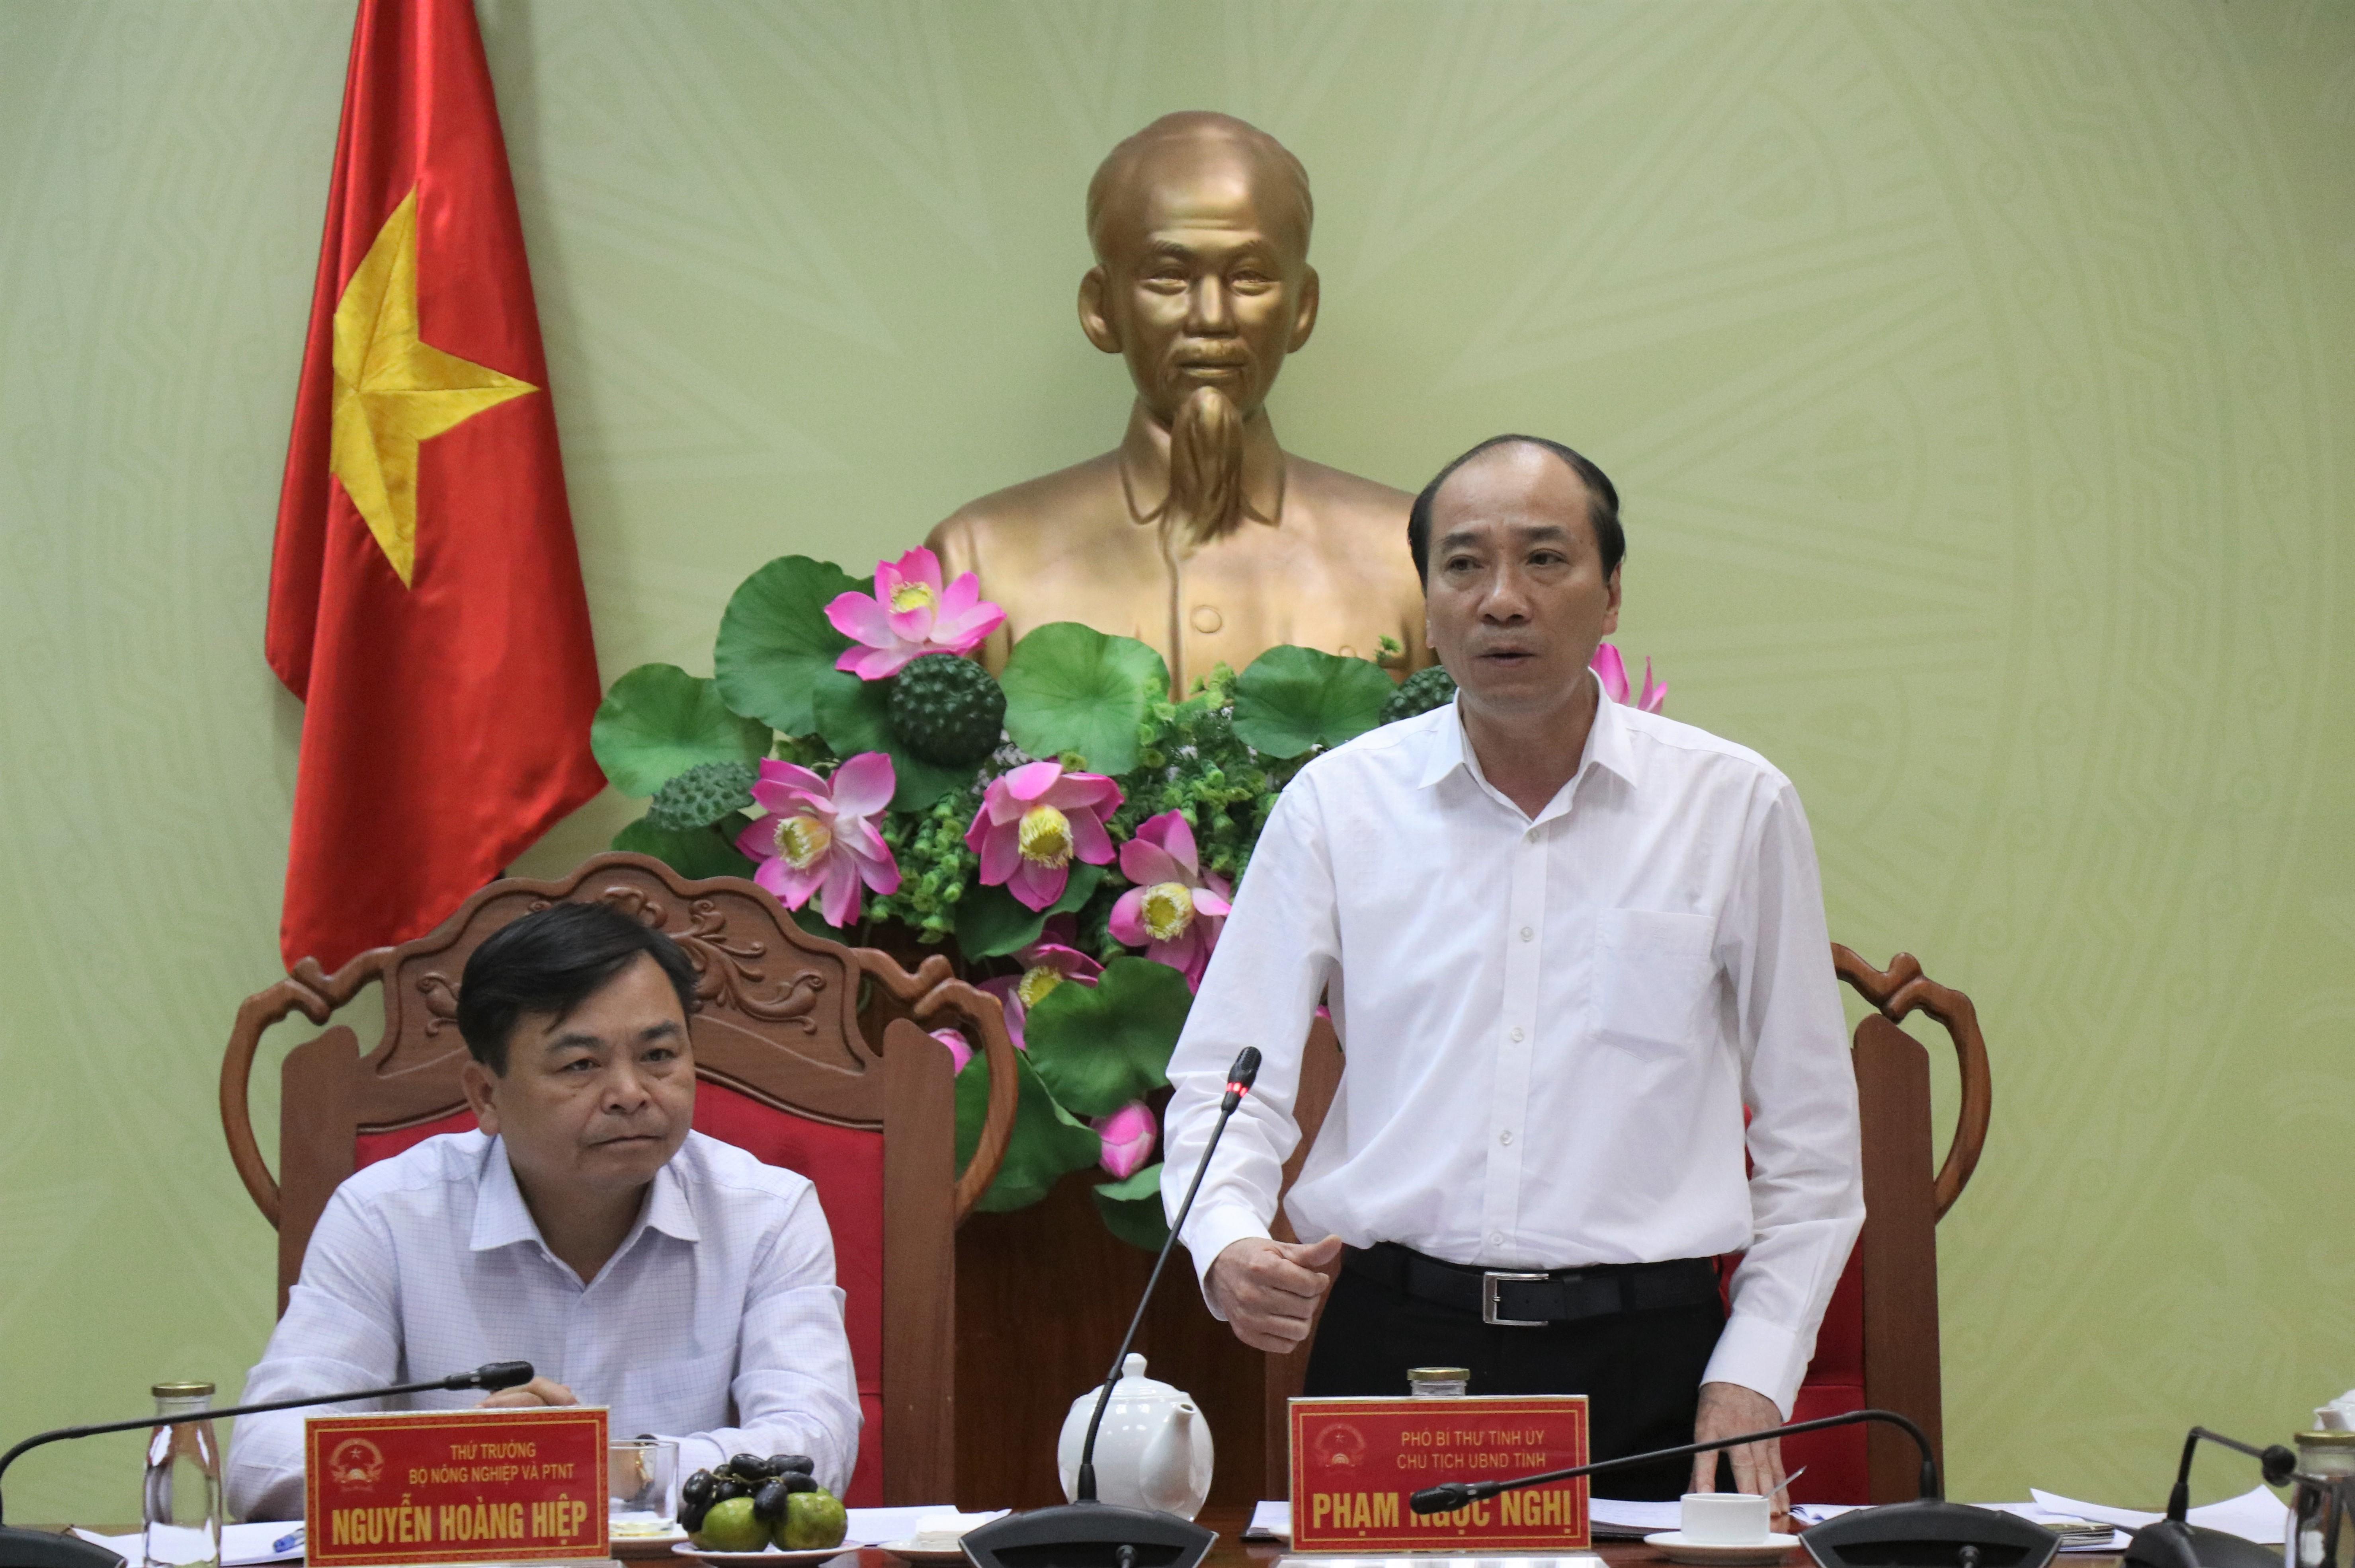 Đoàn công tác của Bộ Nông nghiệp và Phát triển nông thôn làm việc với UBND tỉnh Đắk Lắk